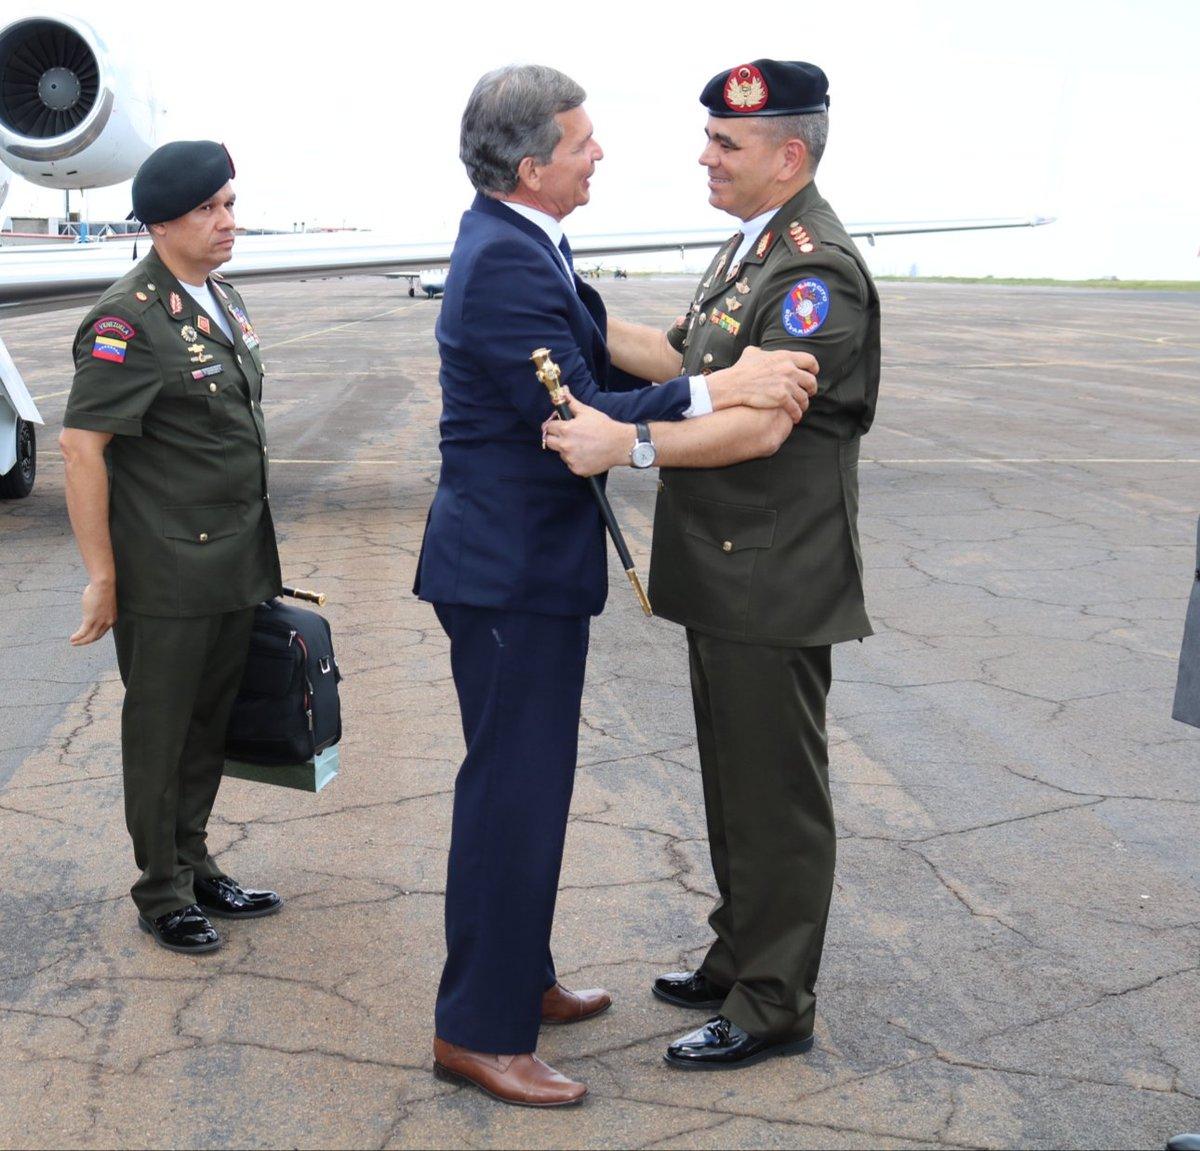 Ministros de Defensa de Brasil y Venezuela estrechan lazos de amistad y cooperación militar Dm00H57WwAEnl3x